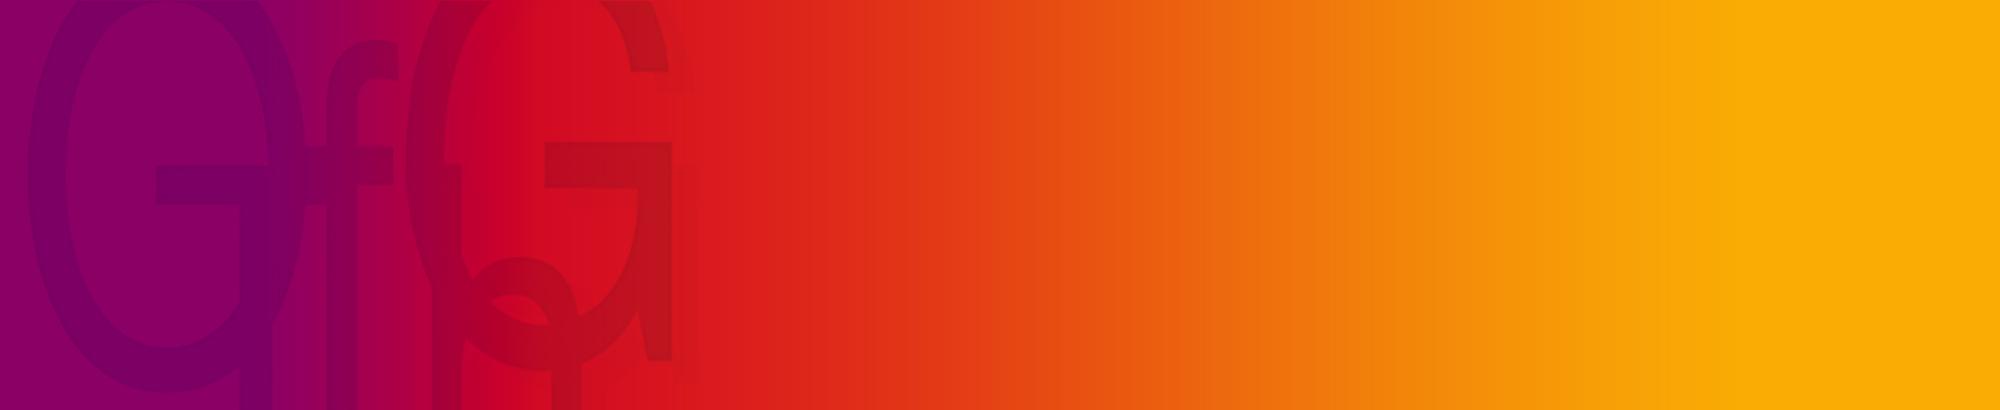 14.05. - 17.05.2020 Thermografie - Fachexkursion